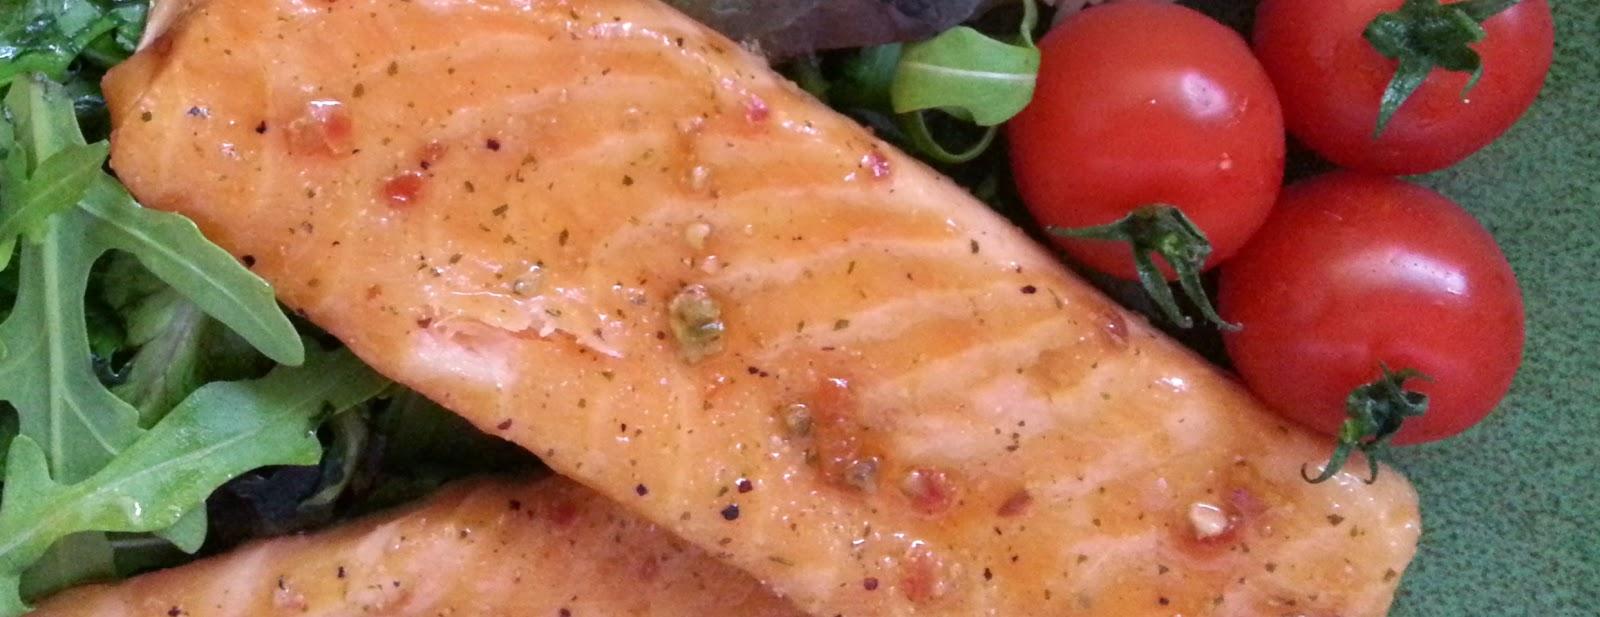 ready to eat salmon